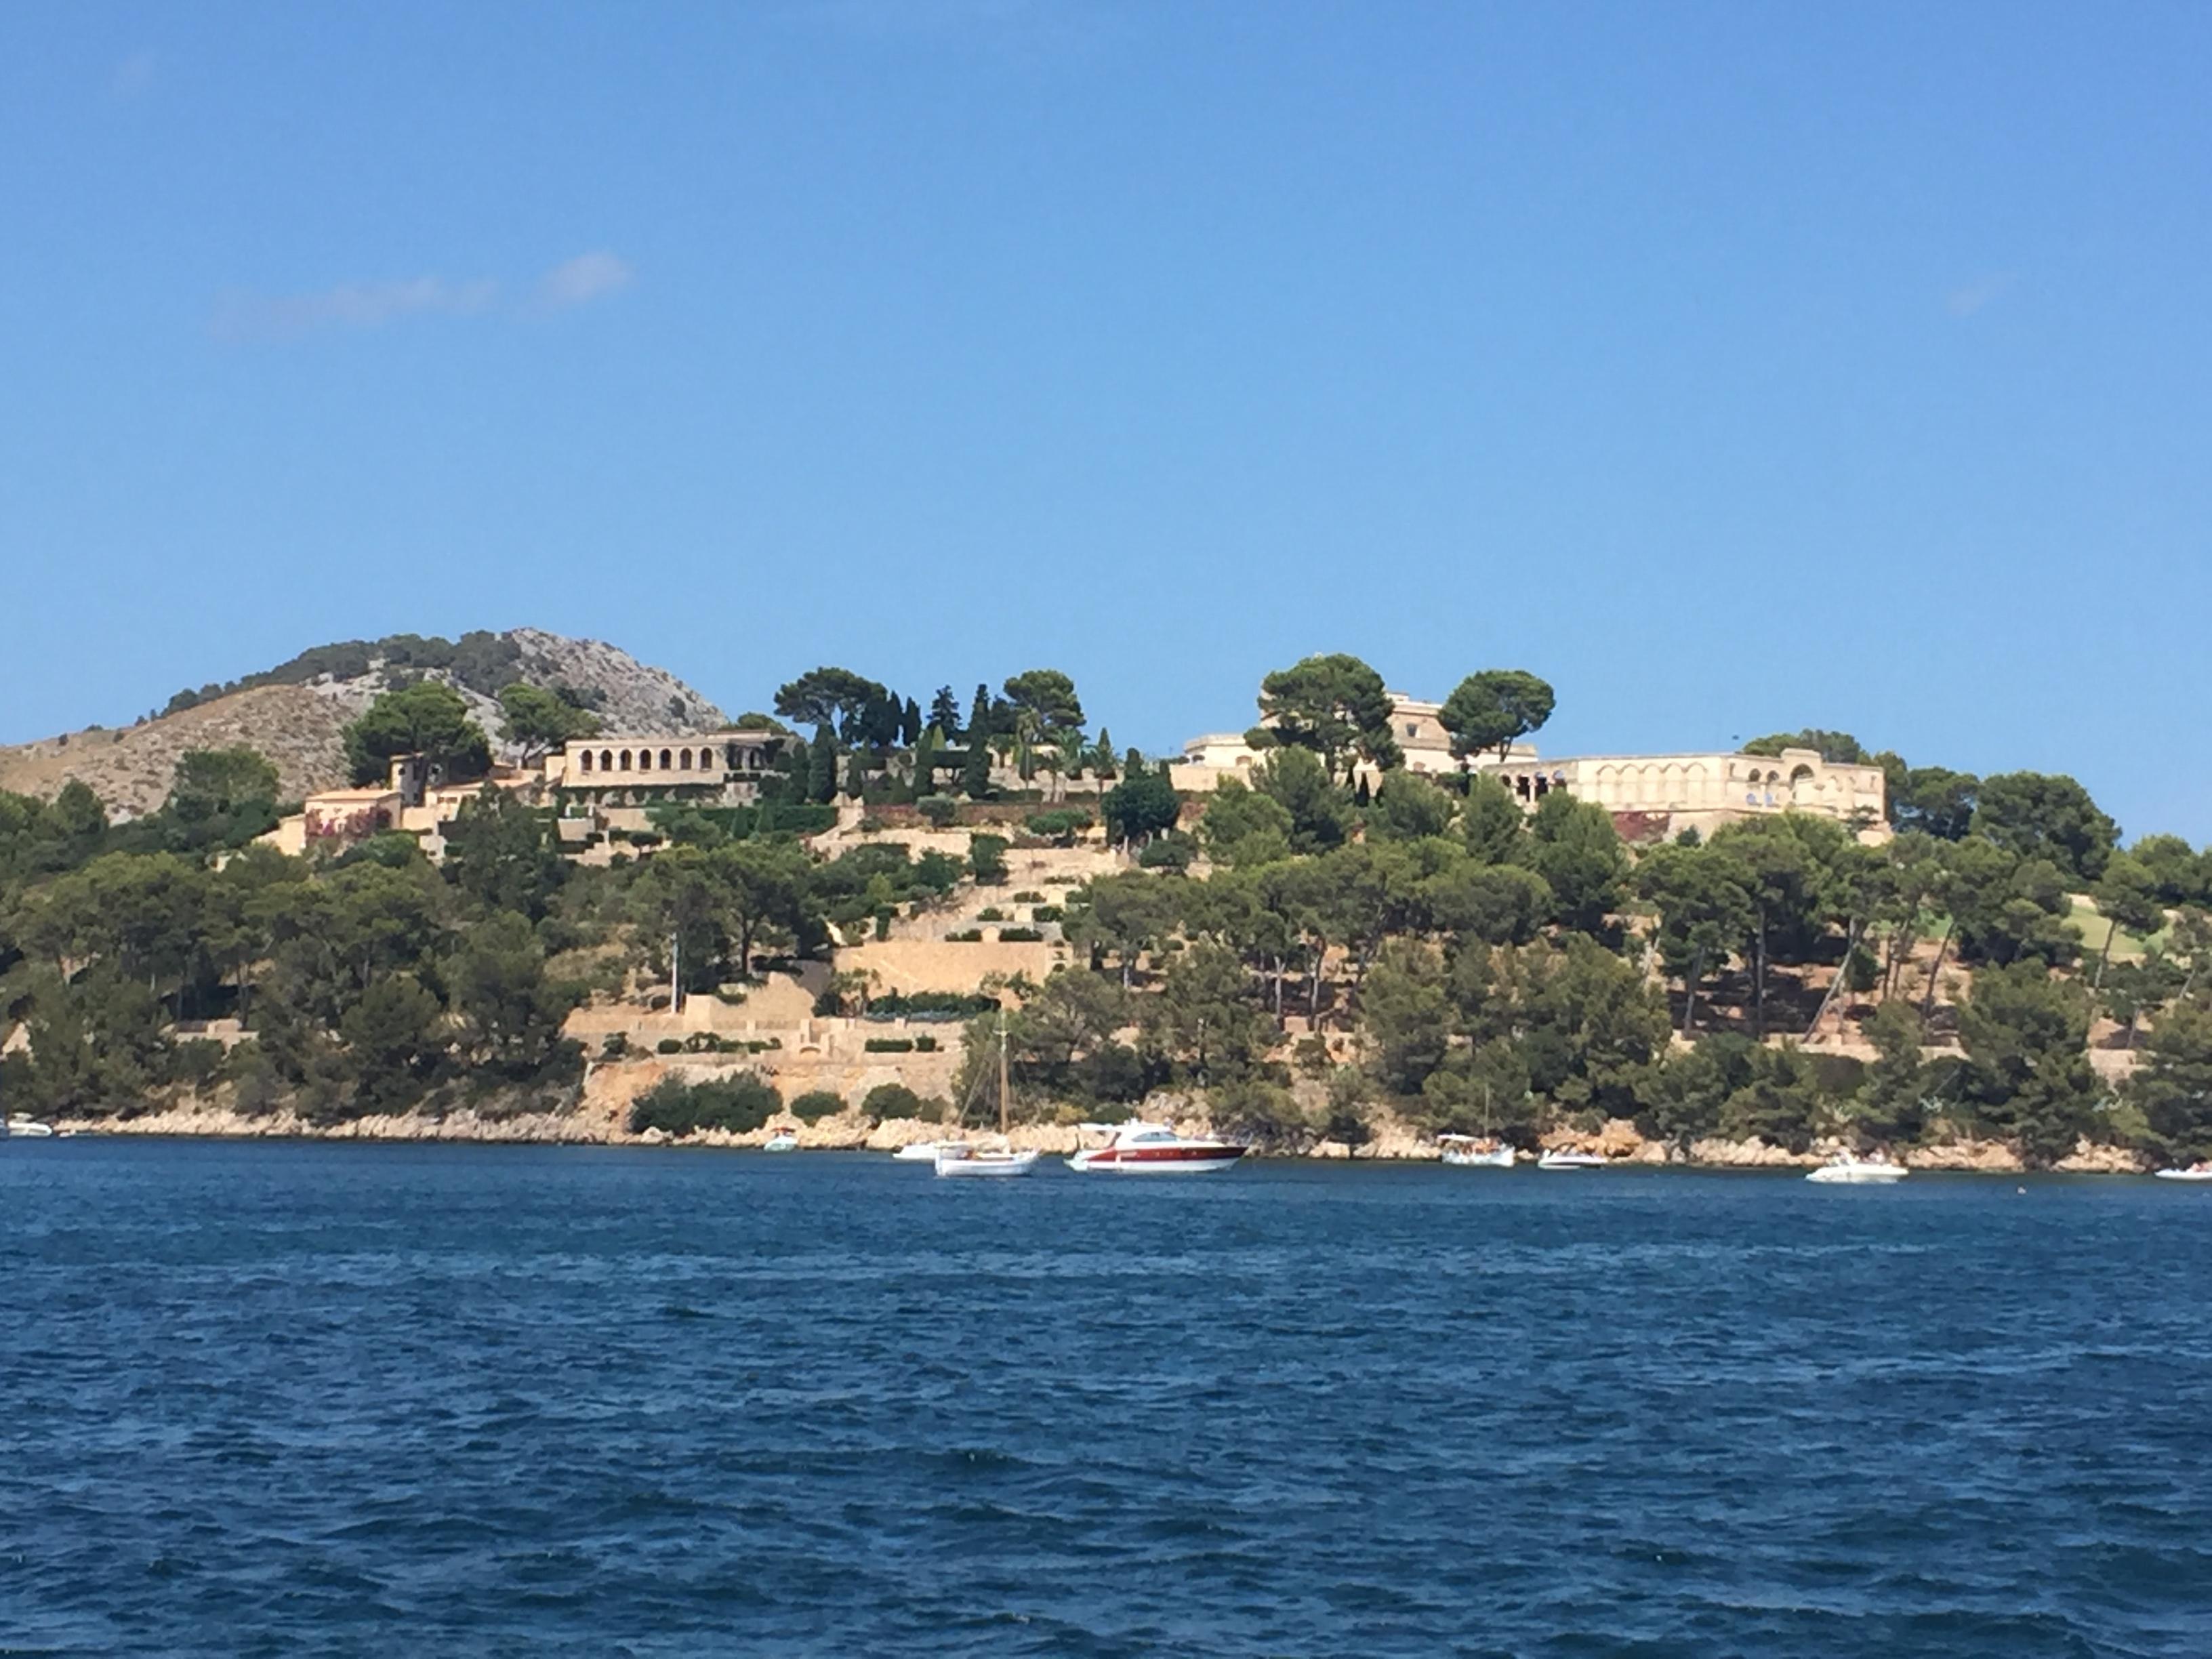 Punta de L'Avancala